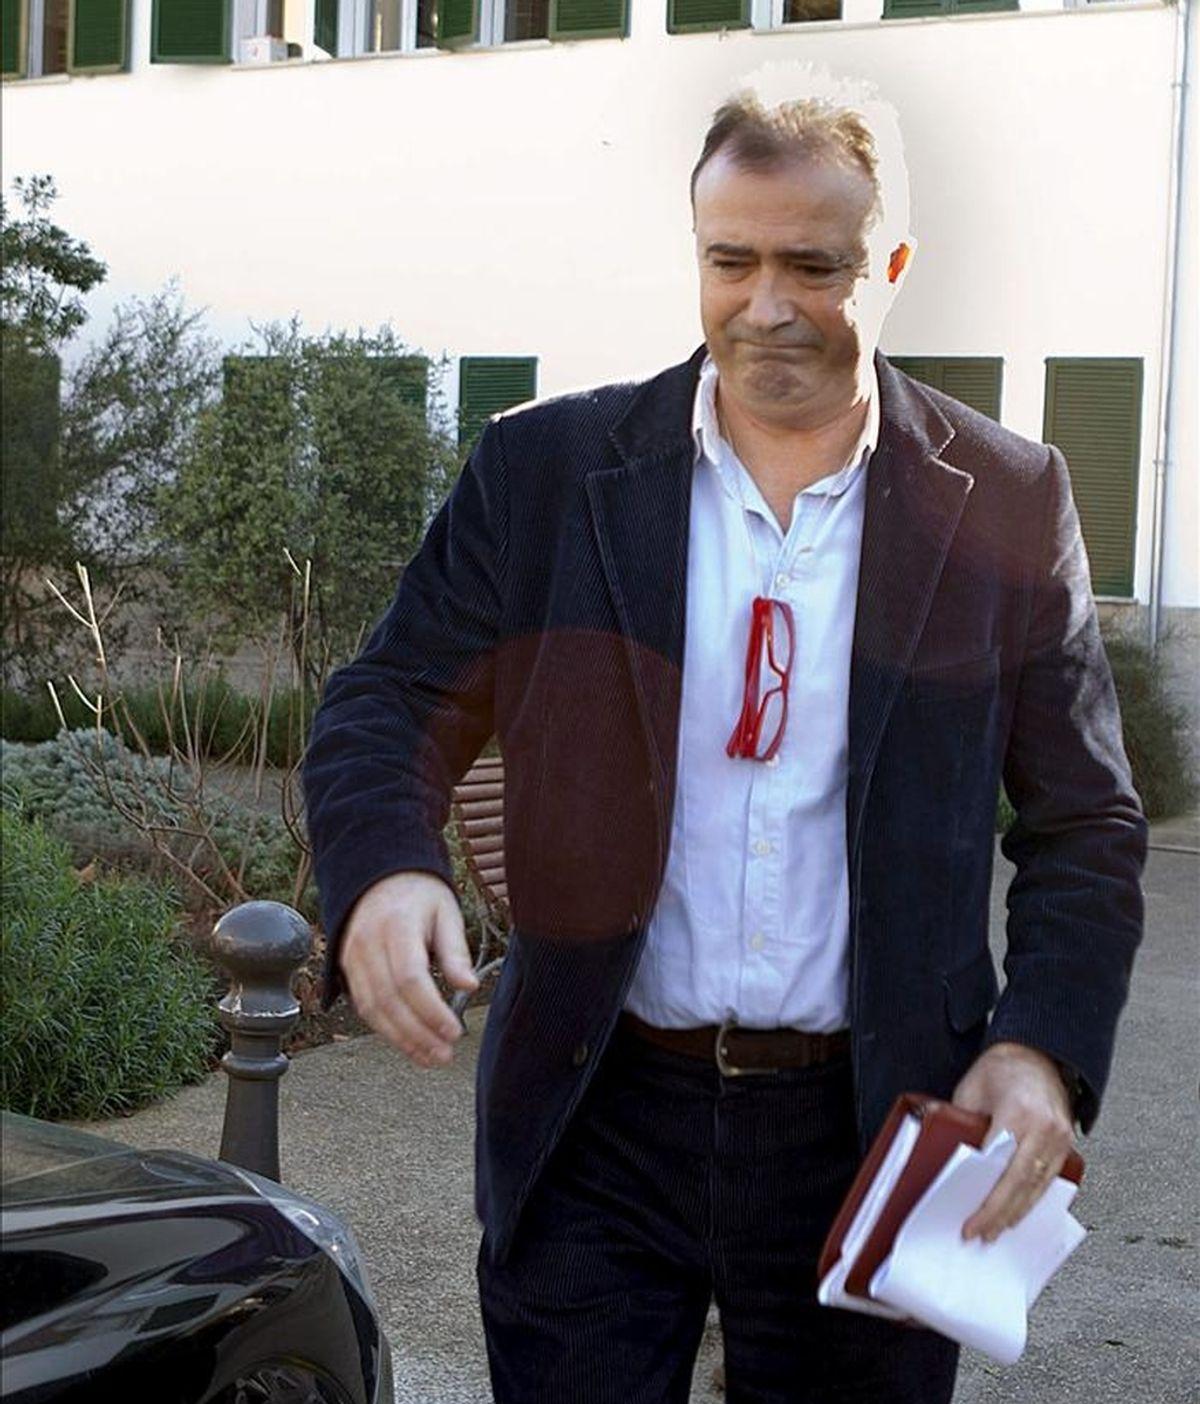 """El fiscal Anticorrupción, Miguel Angel Subiran, abandona la sede de Medio Ambiente del Consell Insular de Mallorca durante el registro que se está llevando a cabo durante la denominada """"operación cloaca"""". EFE"""